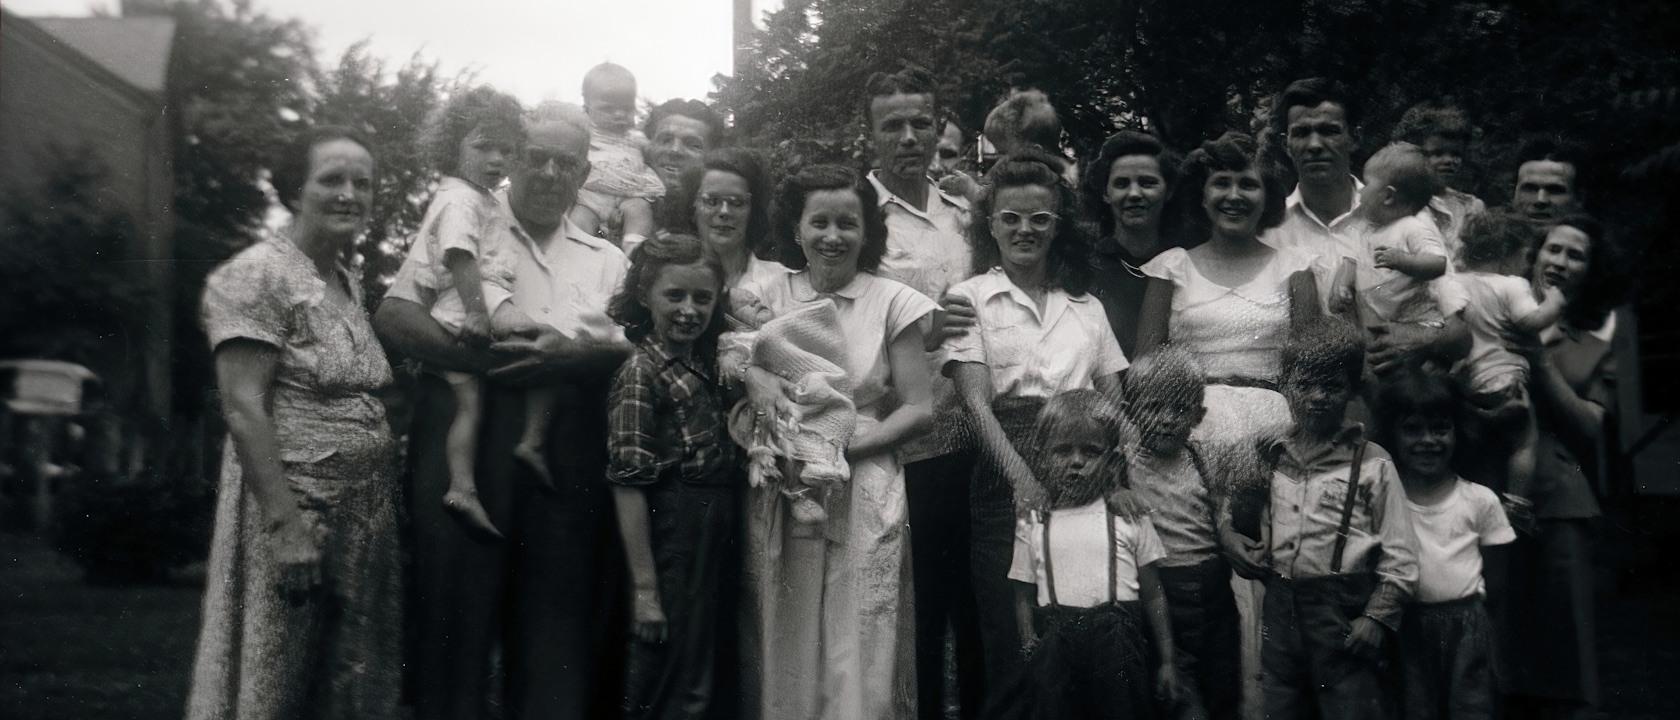 Akron Ohio – Finley Family Reunion 1950